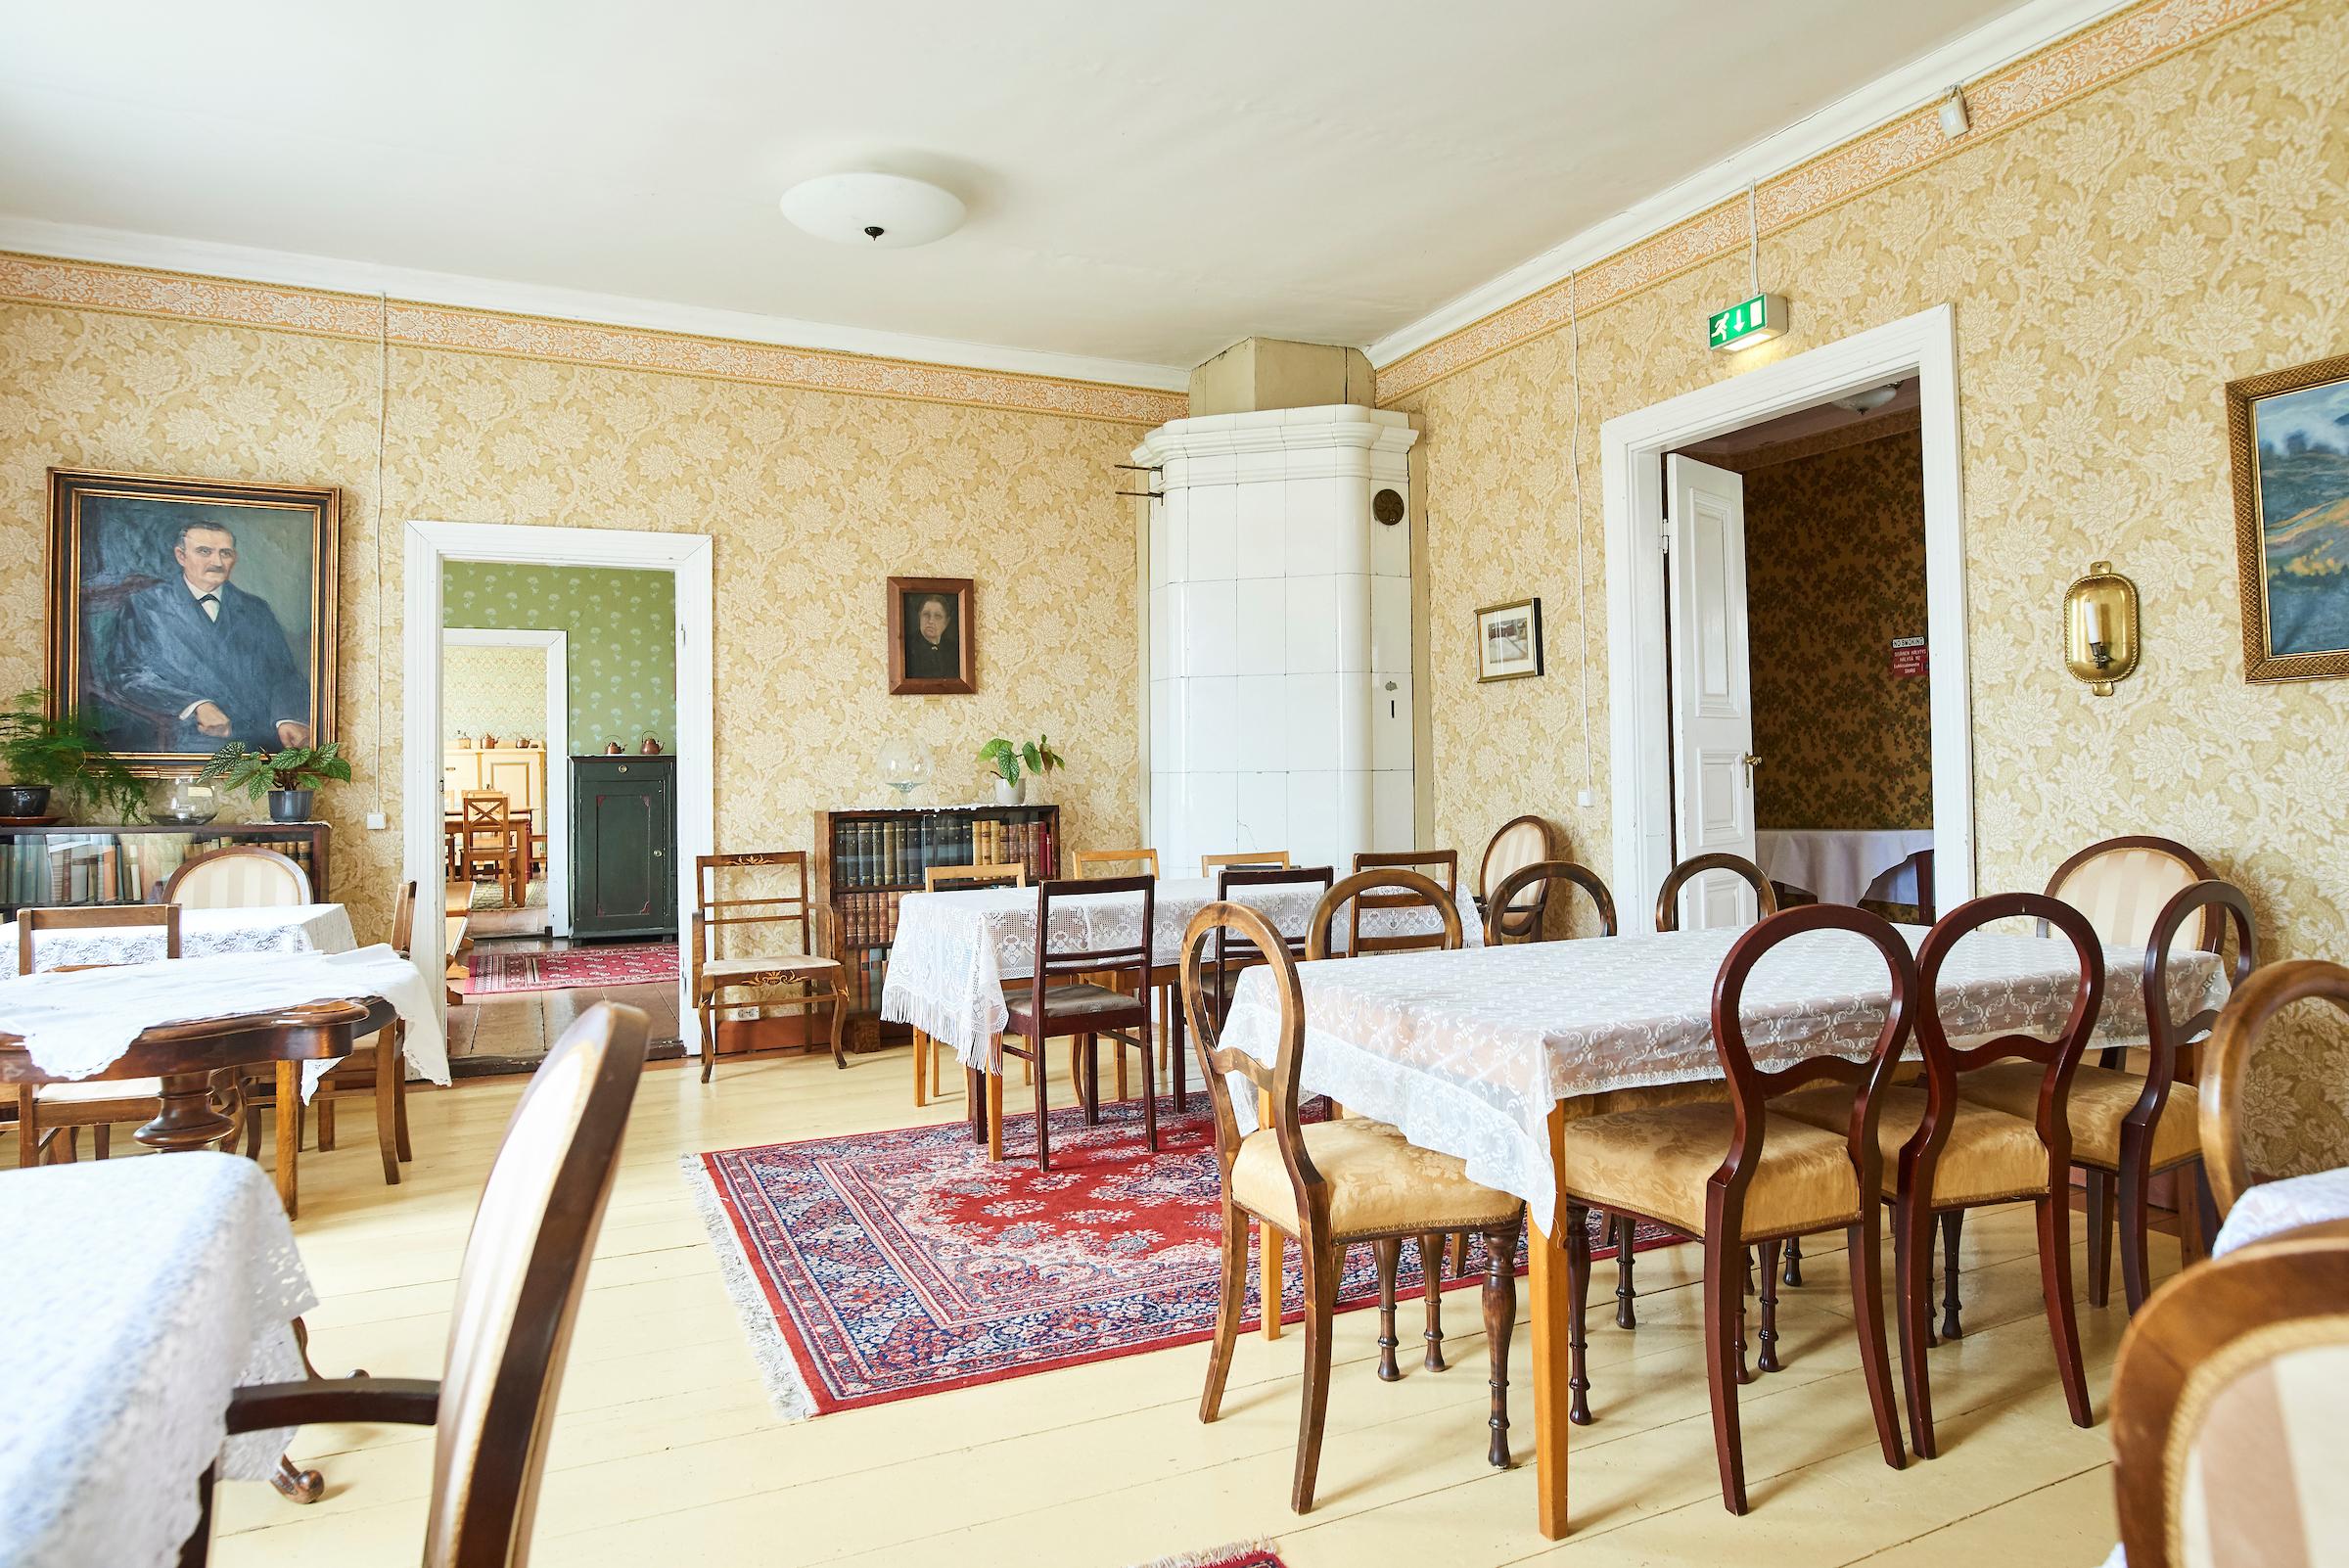 Knuutilan kartanossa on monia huoneita, jota on kalustettu vanhoilla huonekaluilla. Huoneessa on myös vanha valkoinen kaakeliuuni.